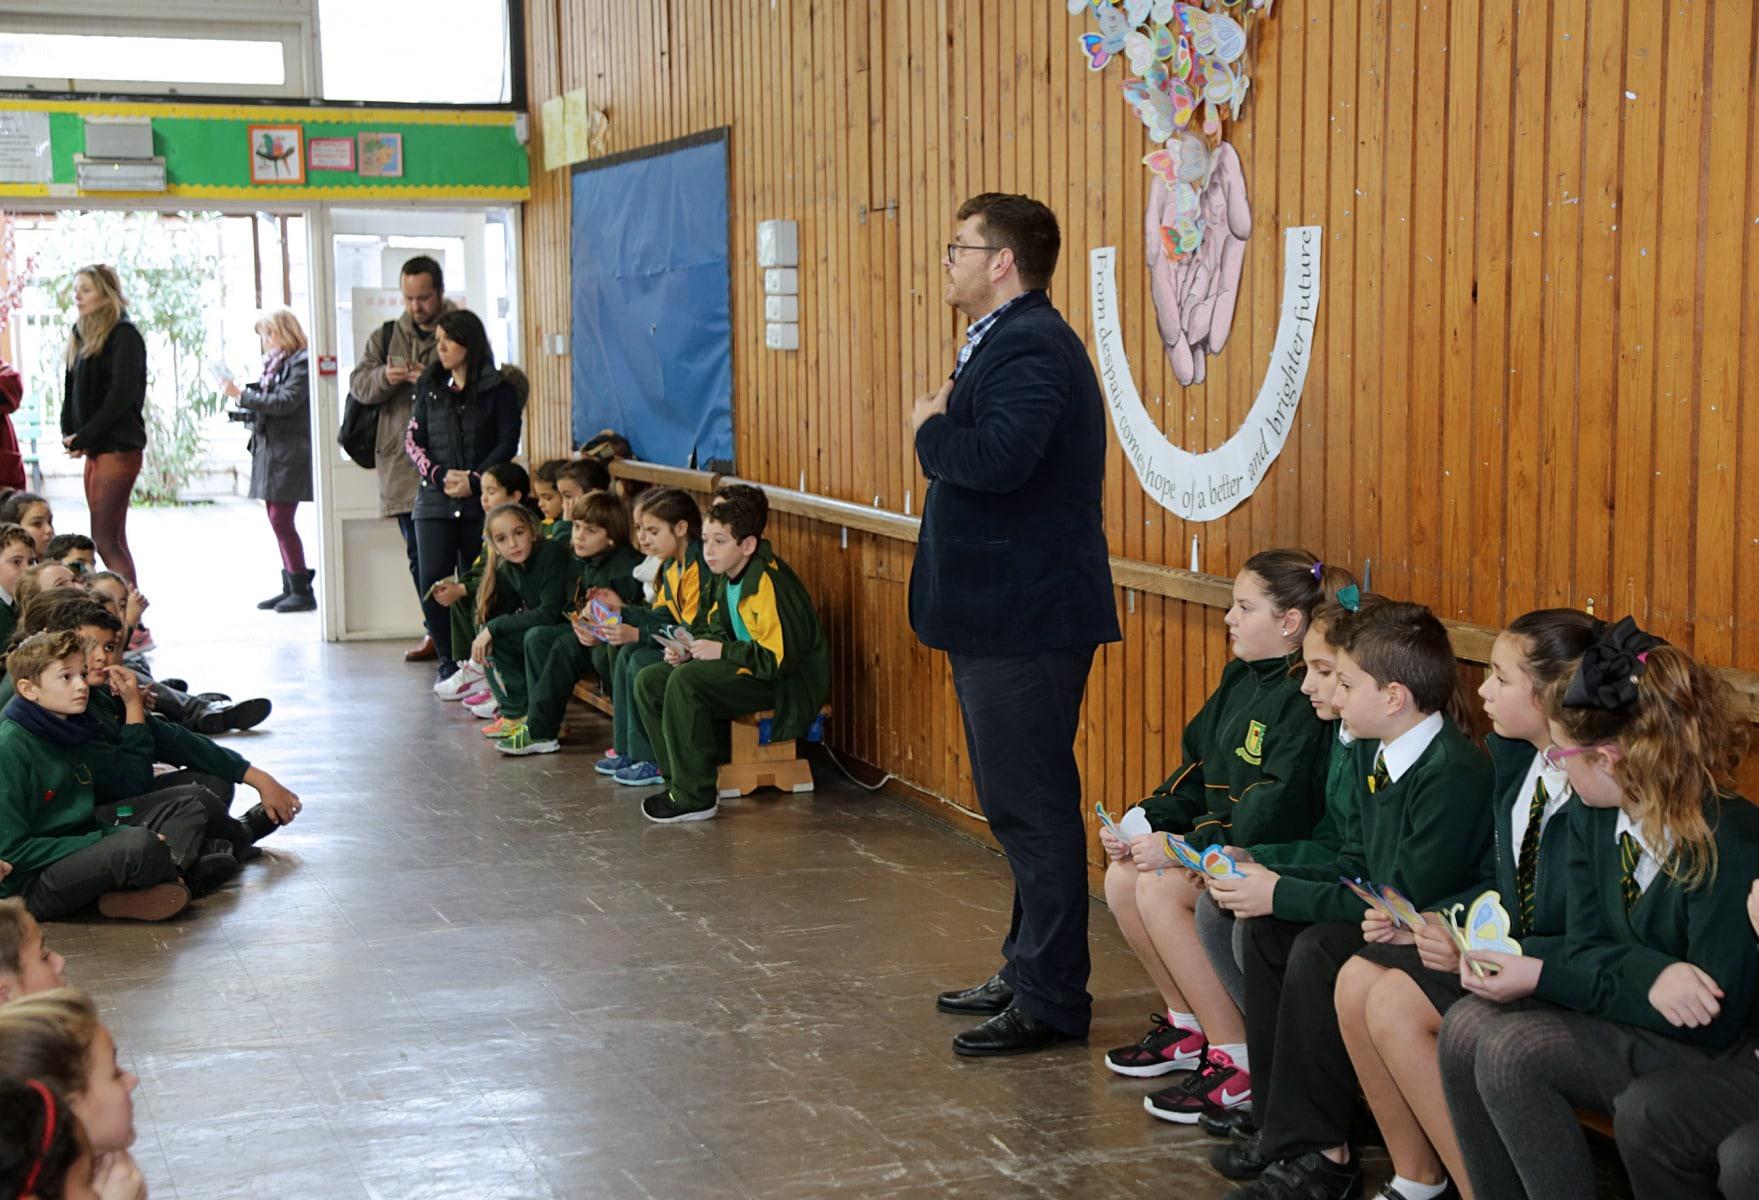 27-ene-17-alumnos-de-la-escuela-obispo-fitzgerald-de-gibraltar-conmemoran-el-holocausto_32554442695_o